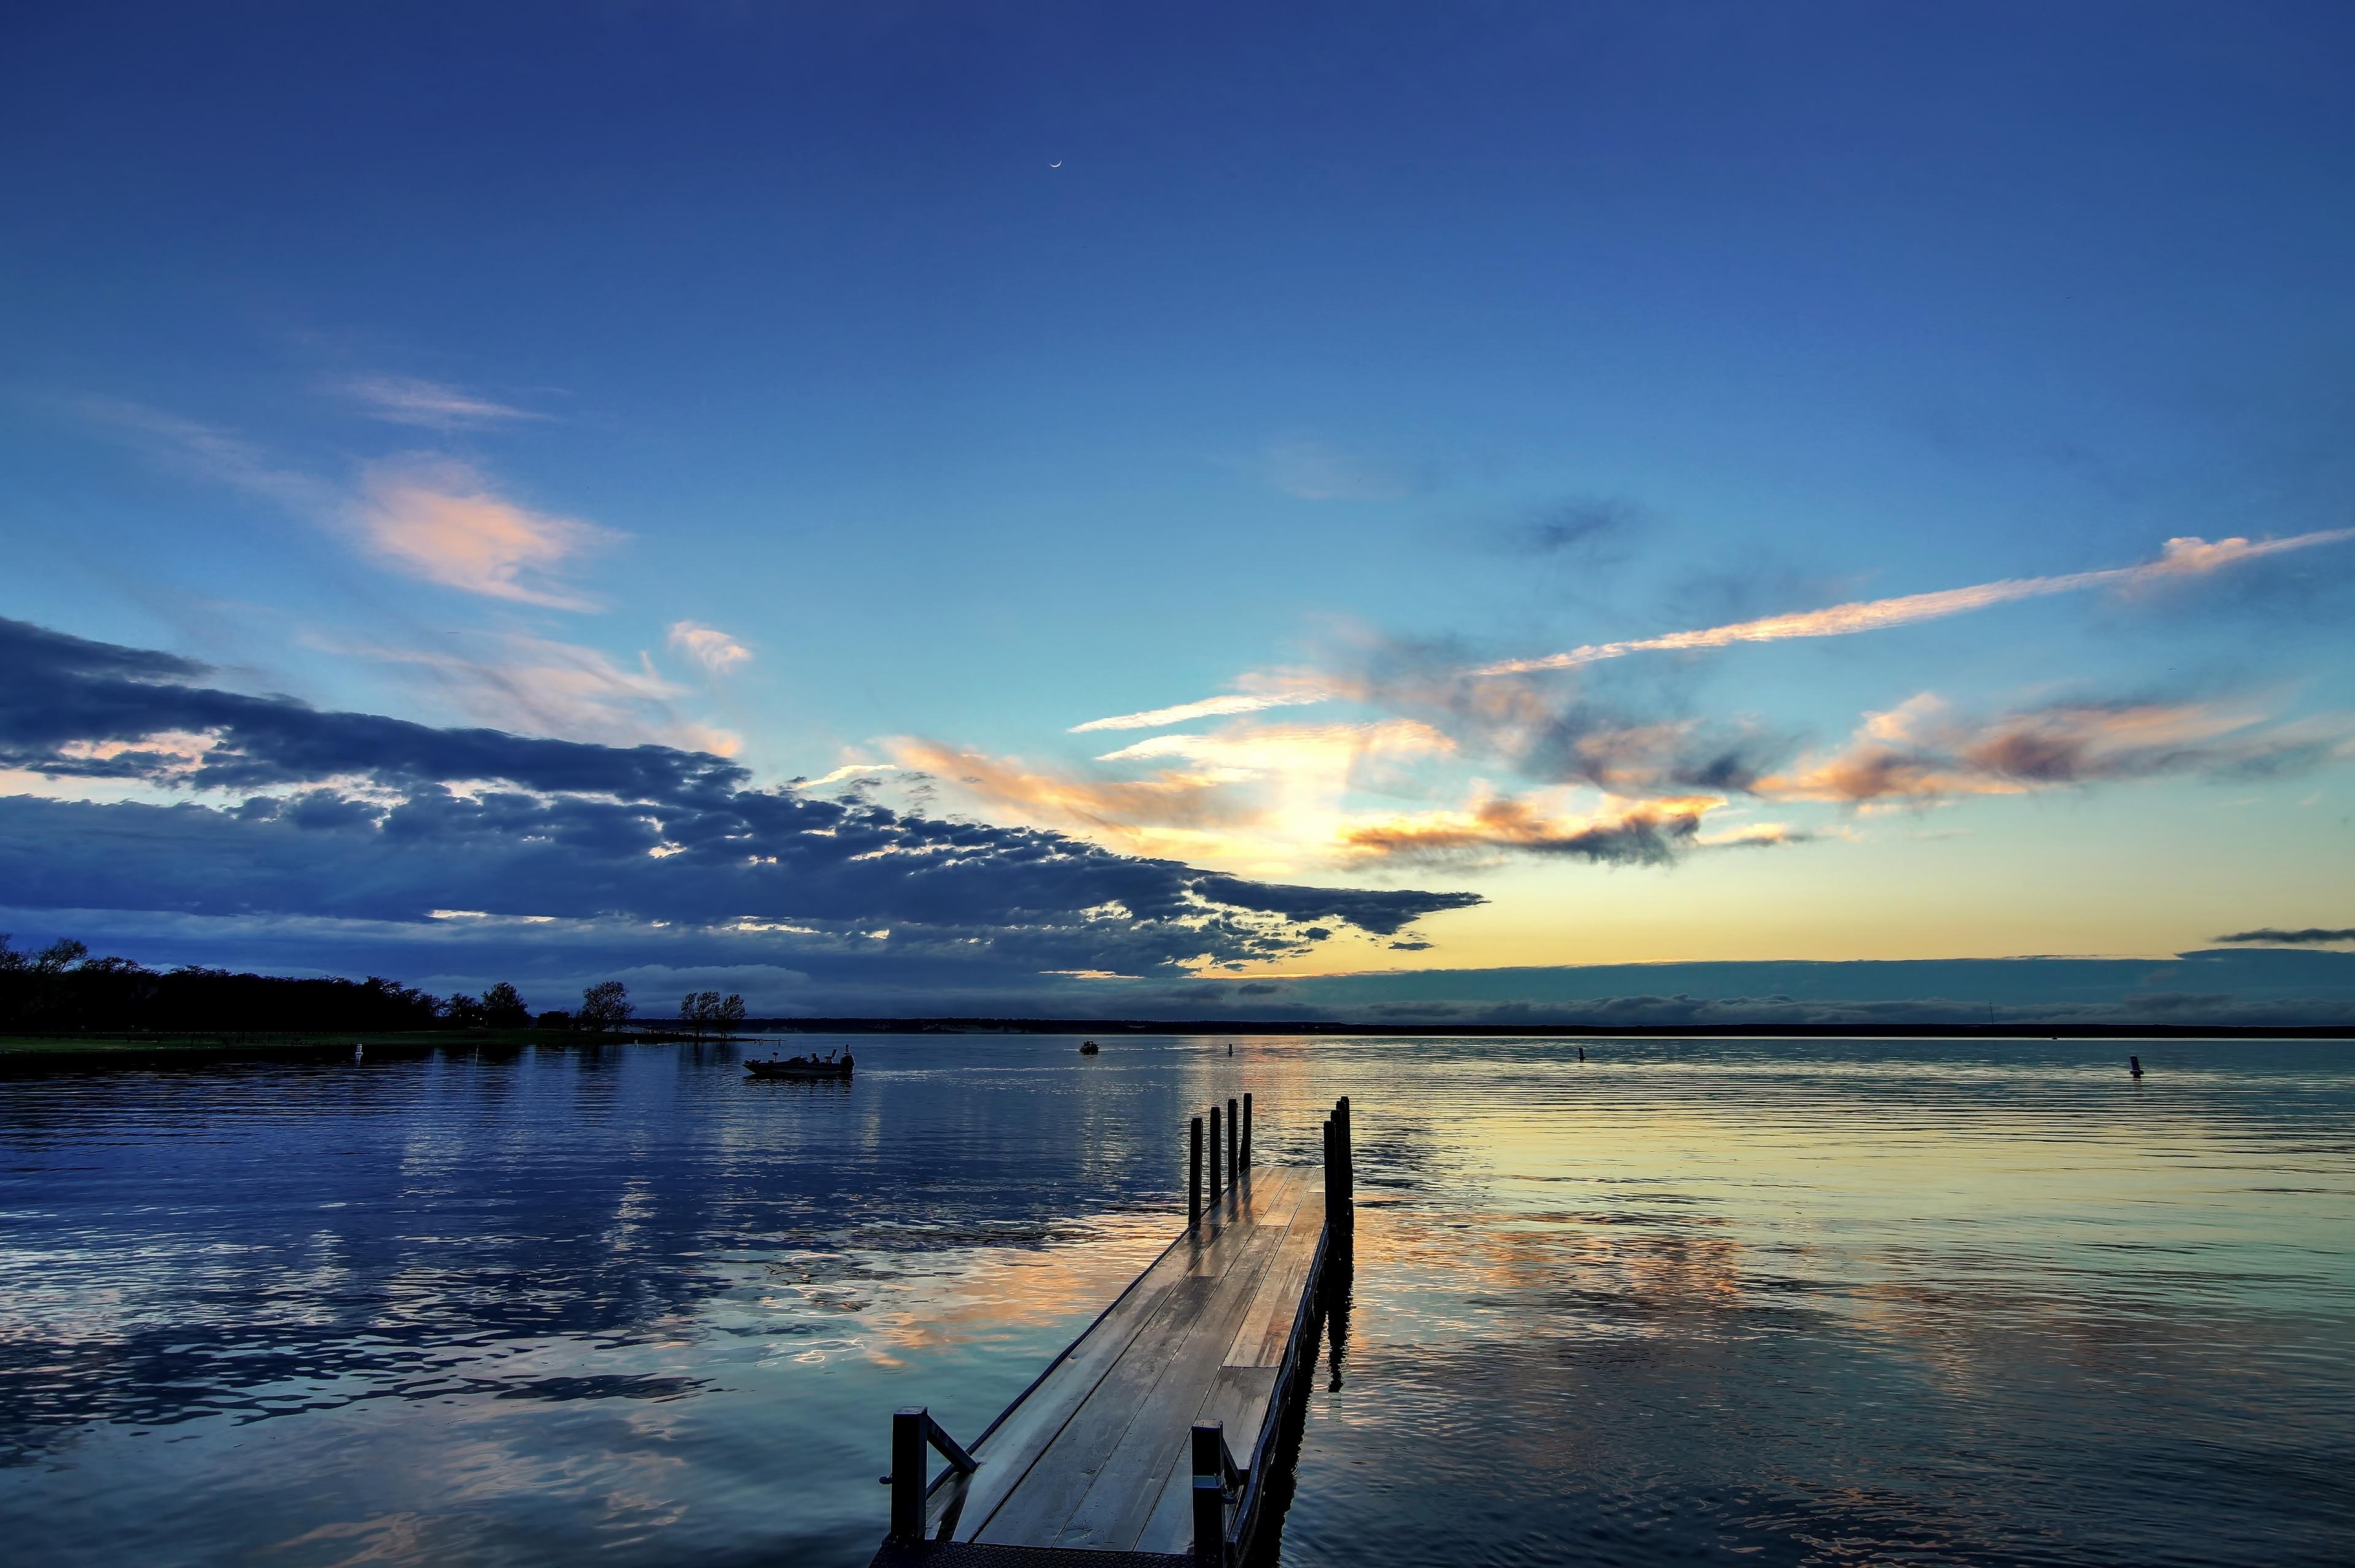 Lake Whitney, Texas, USA